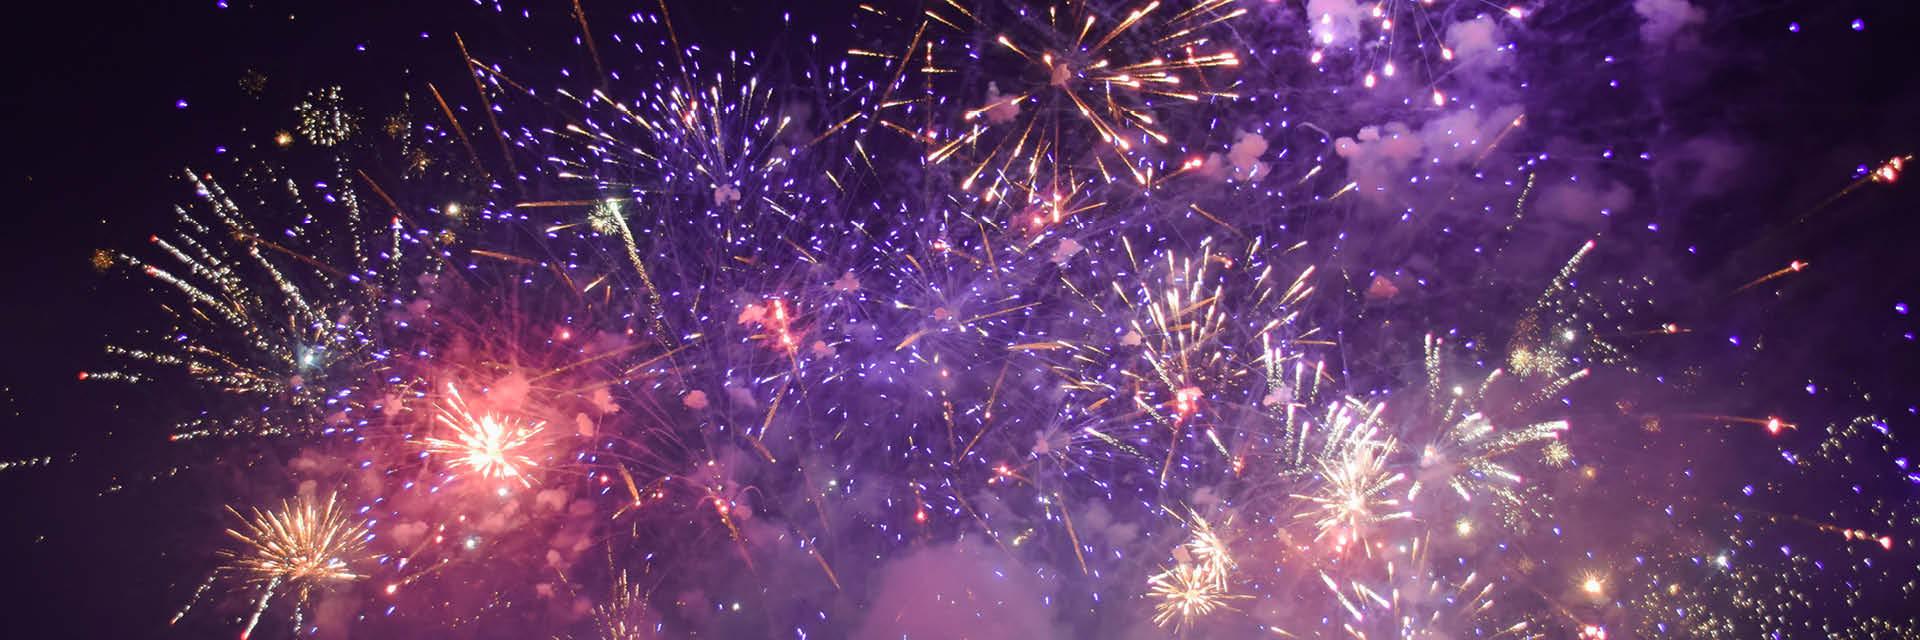 Der letzte Tag des Jahres - wie die Welt Silvester feiert